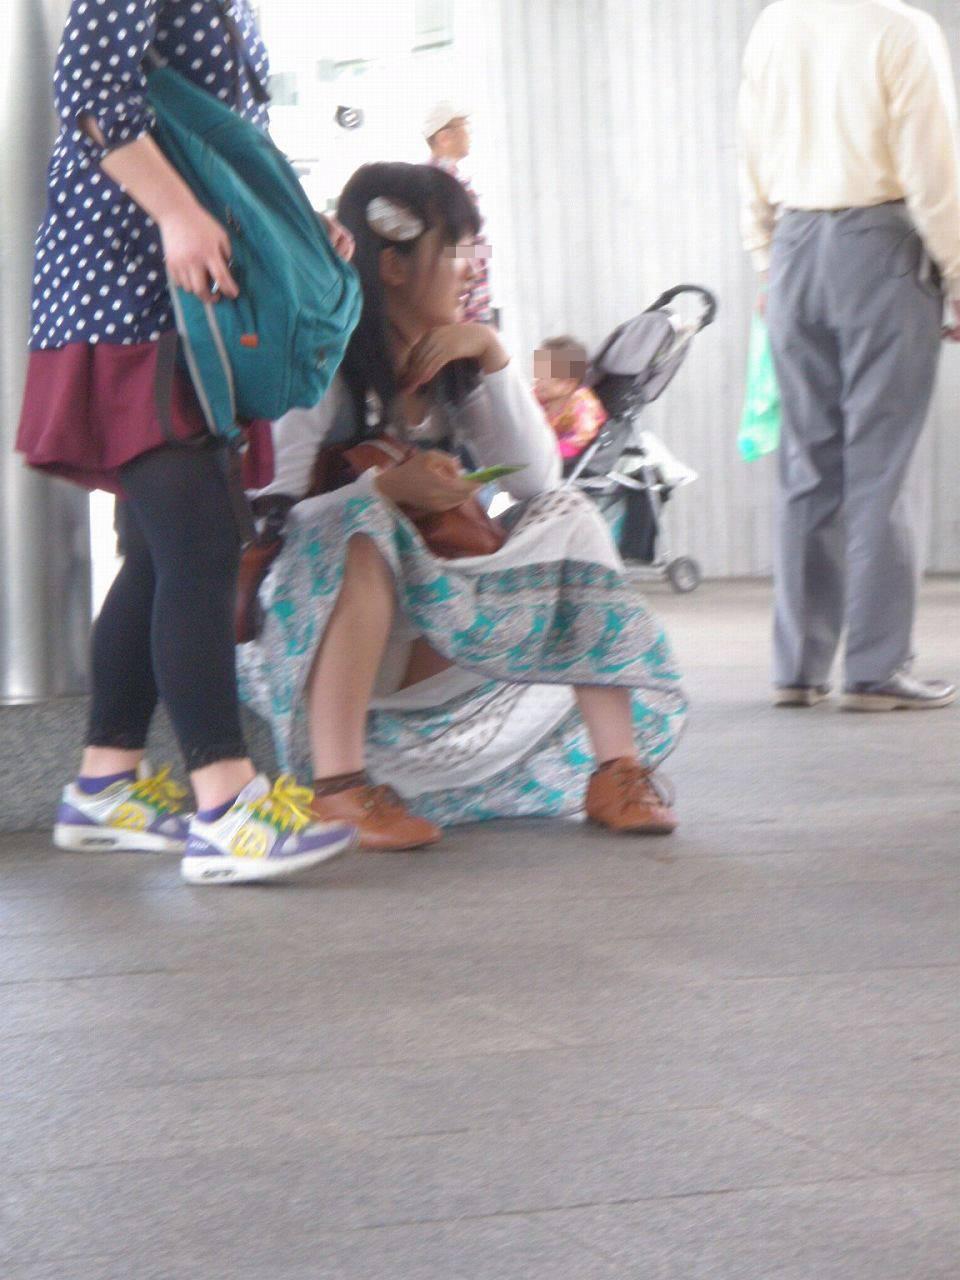 座り込んでる素人娘のしゃがみパンチラエロすぎじゃね!?オマンコの盛り上がり具合が最高www 1732